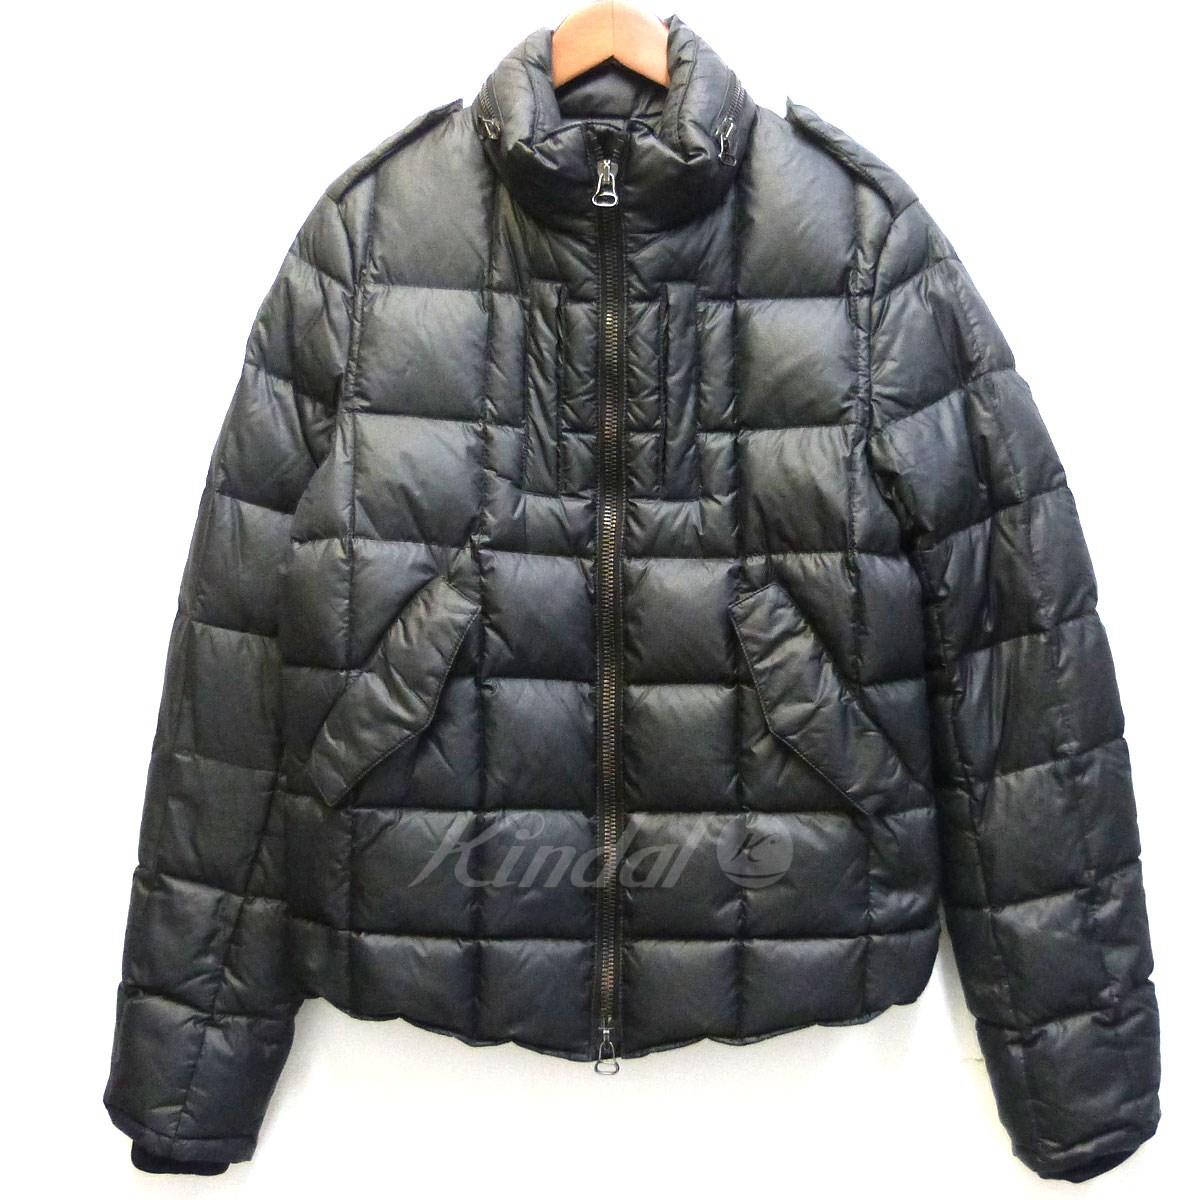 【中古】BALMAIN HOMME キルティングダウンジャケット 【送料無料】 【008521】 【KIND1550】